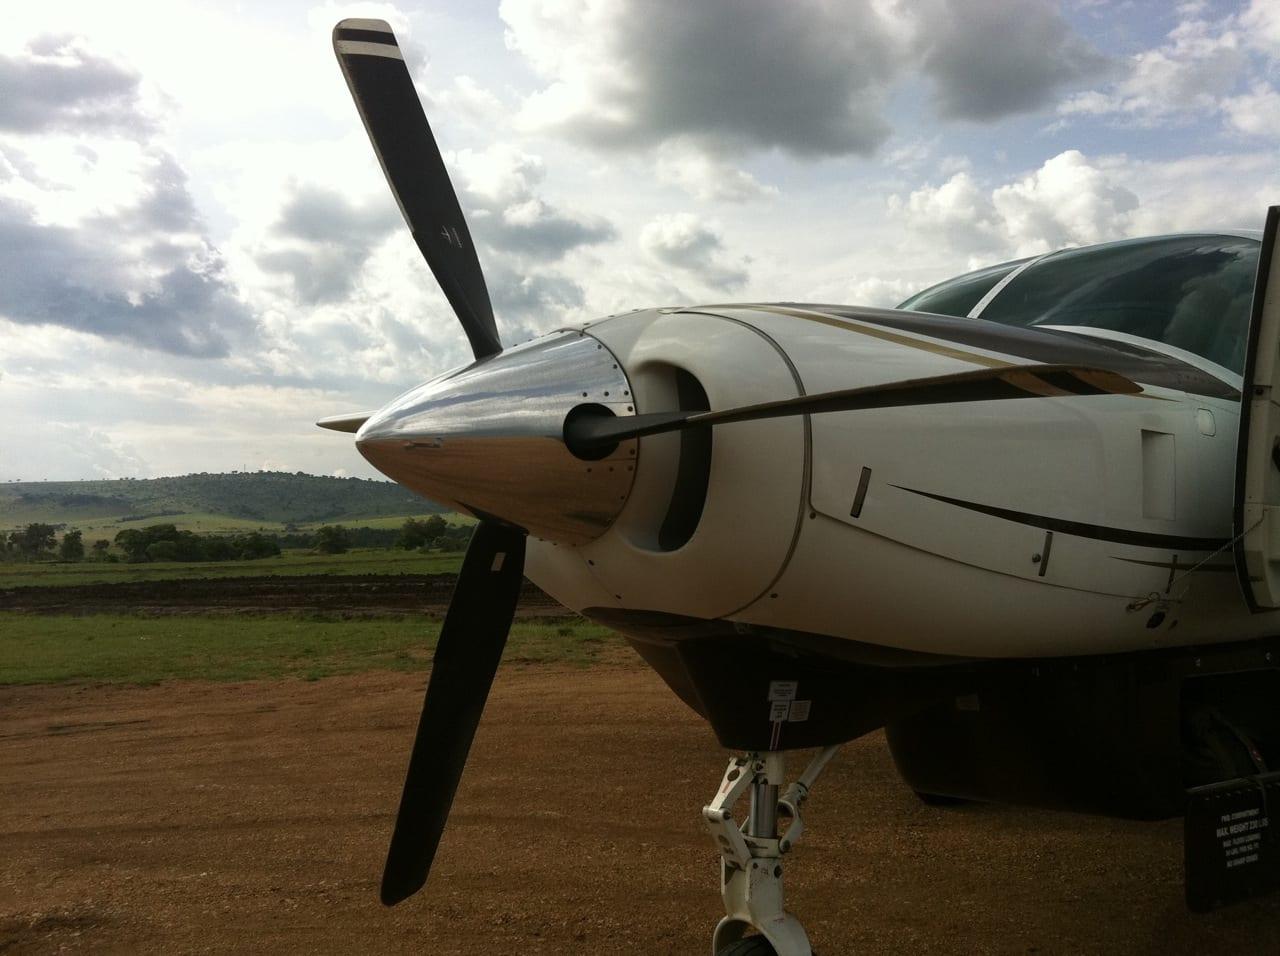 Kenya Safari Link Prop Plane